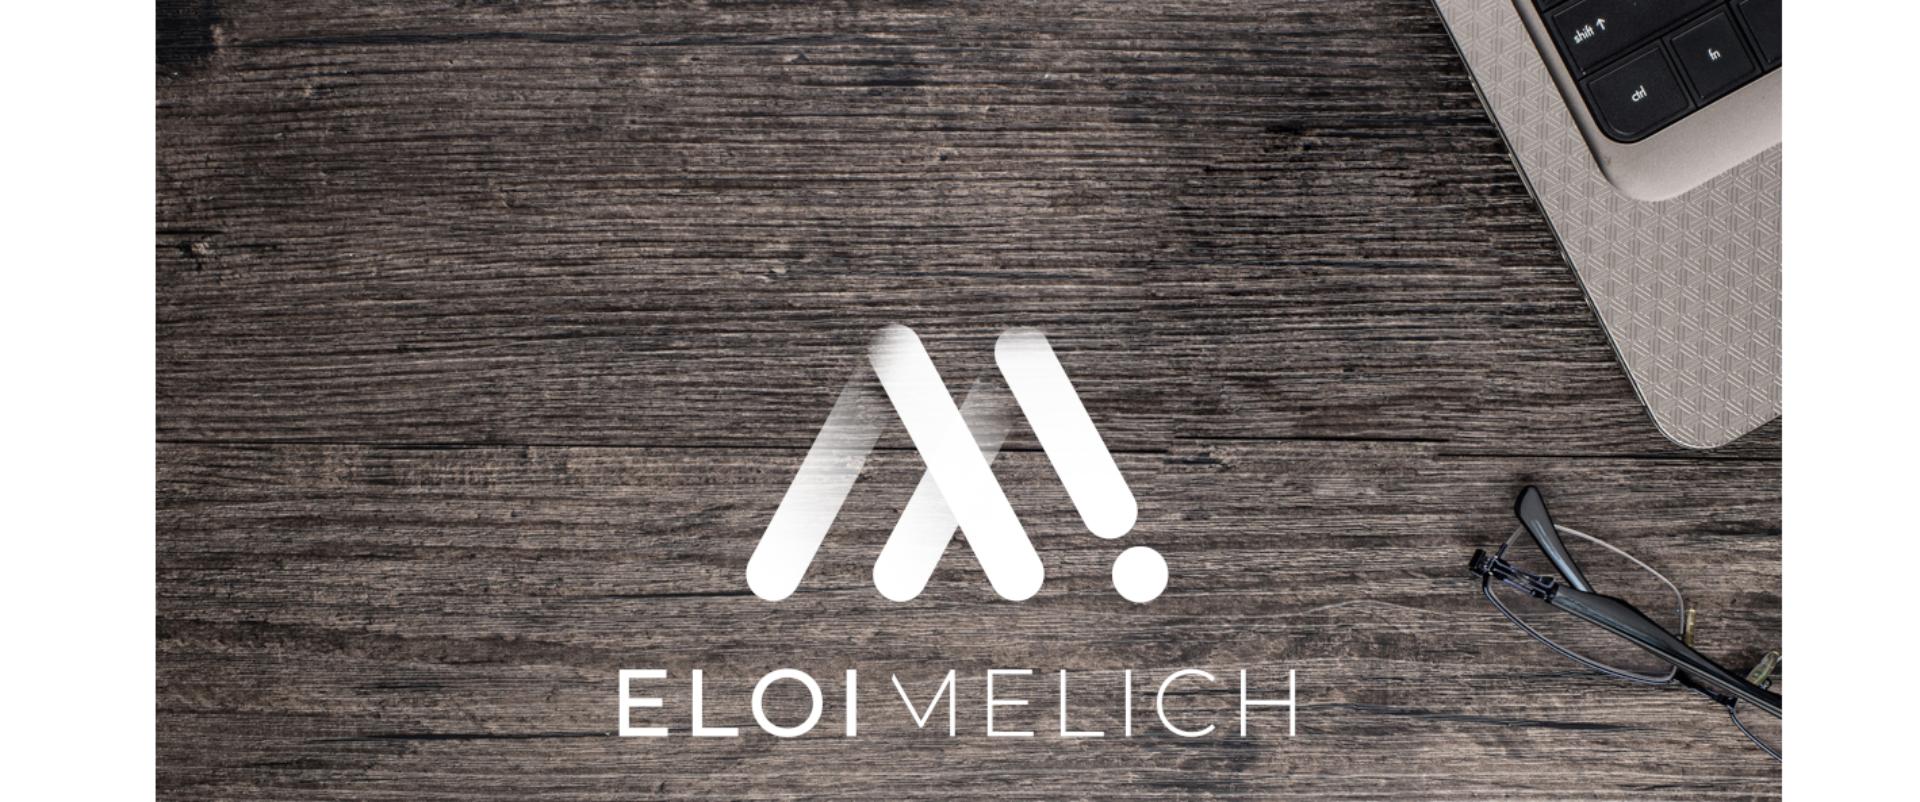 eloi melich